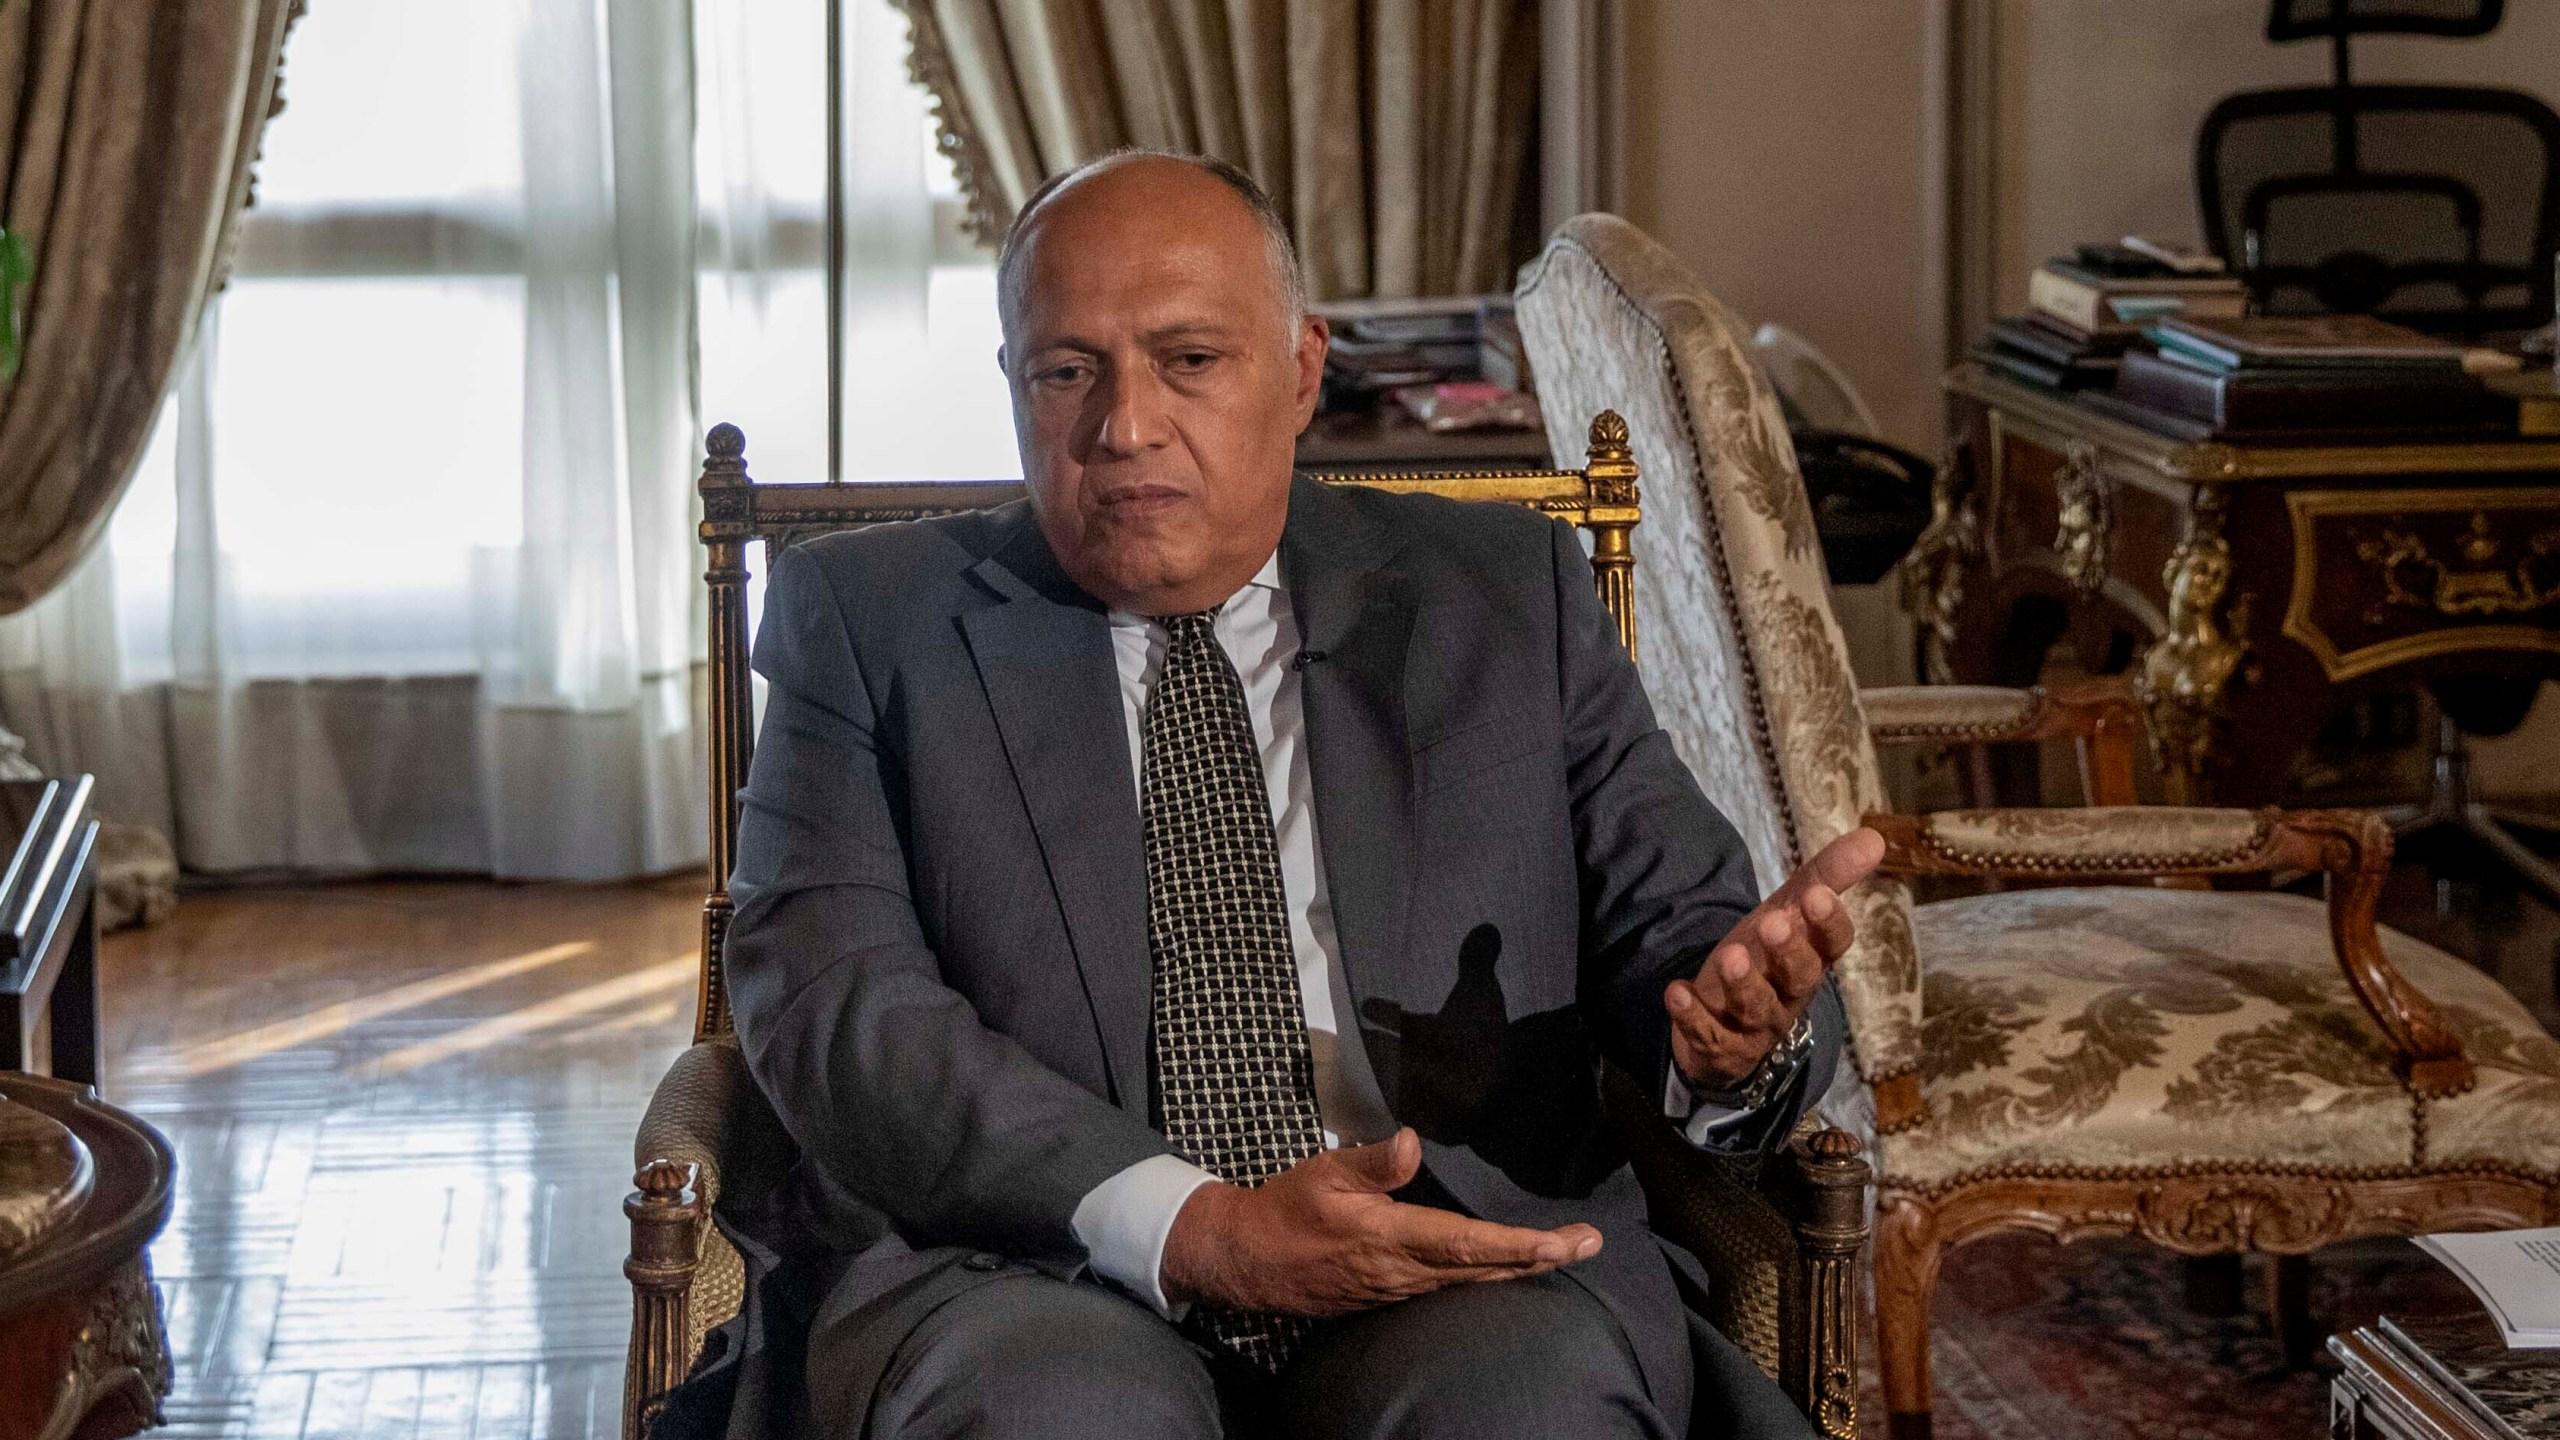 Sameh Shukry